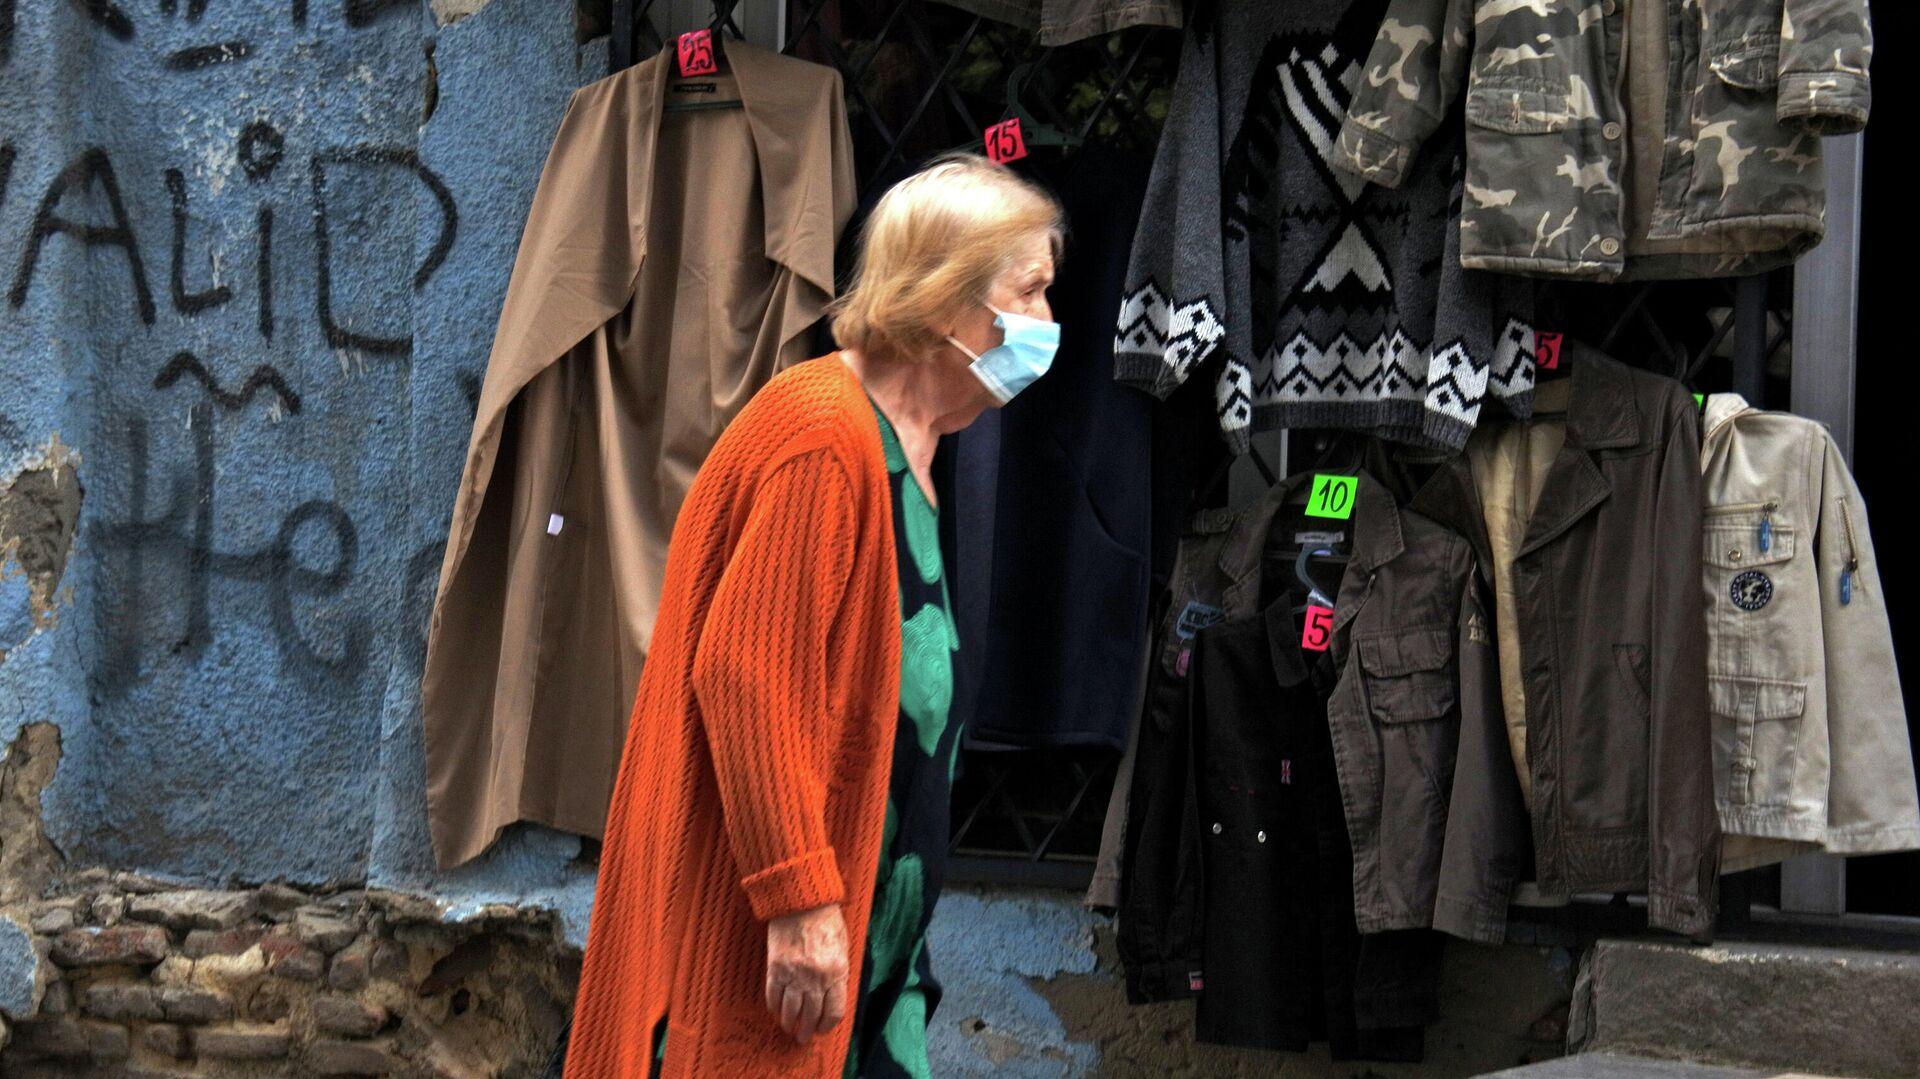 Эпидемия коронавируса - пожилая женщина идет мимо магазина одежды секонд-хенд - Sputnik Грузия, 1920, 23.09.2021